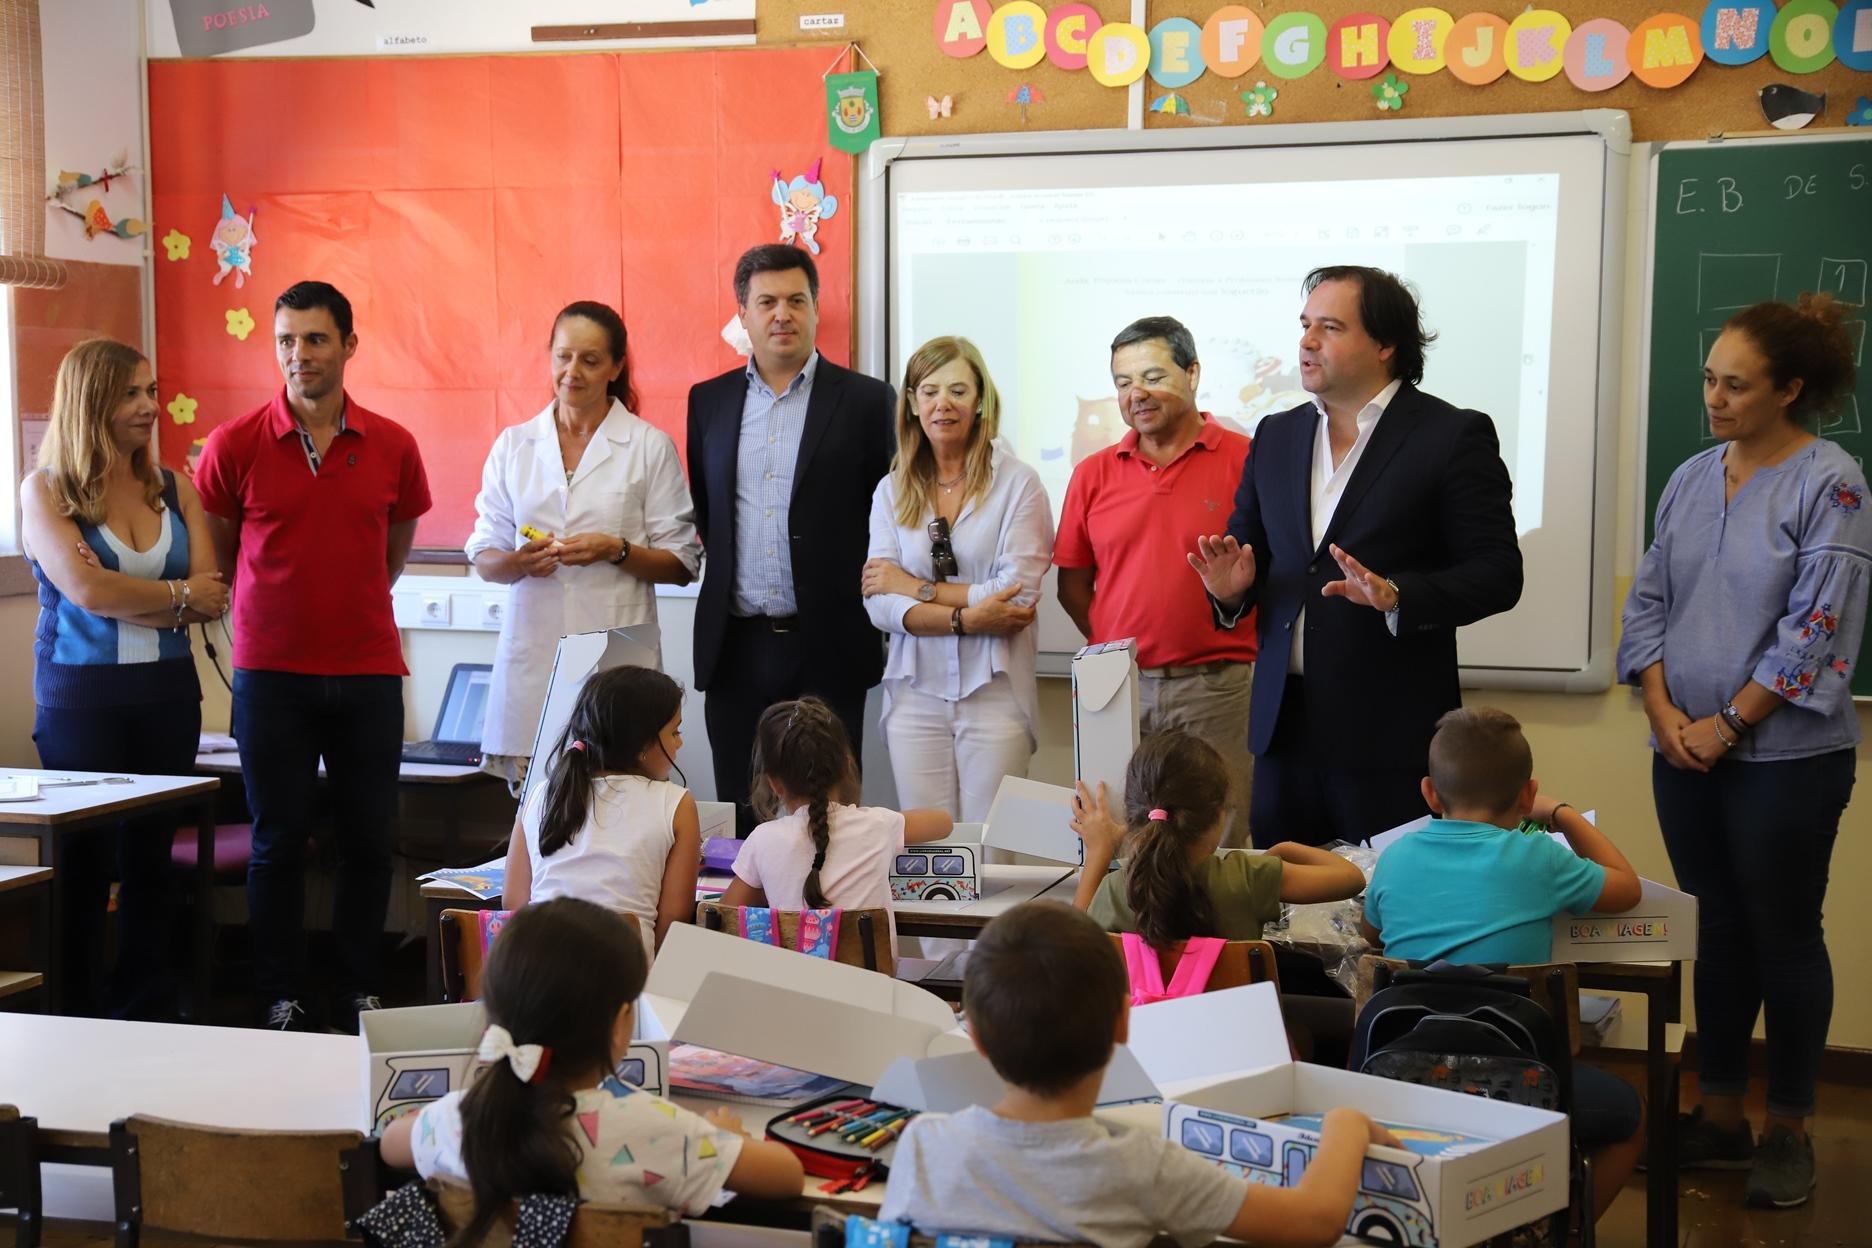 Autarquia entregou kit escolar no arranque do ano letivo